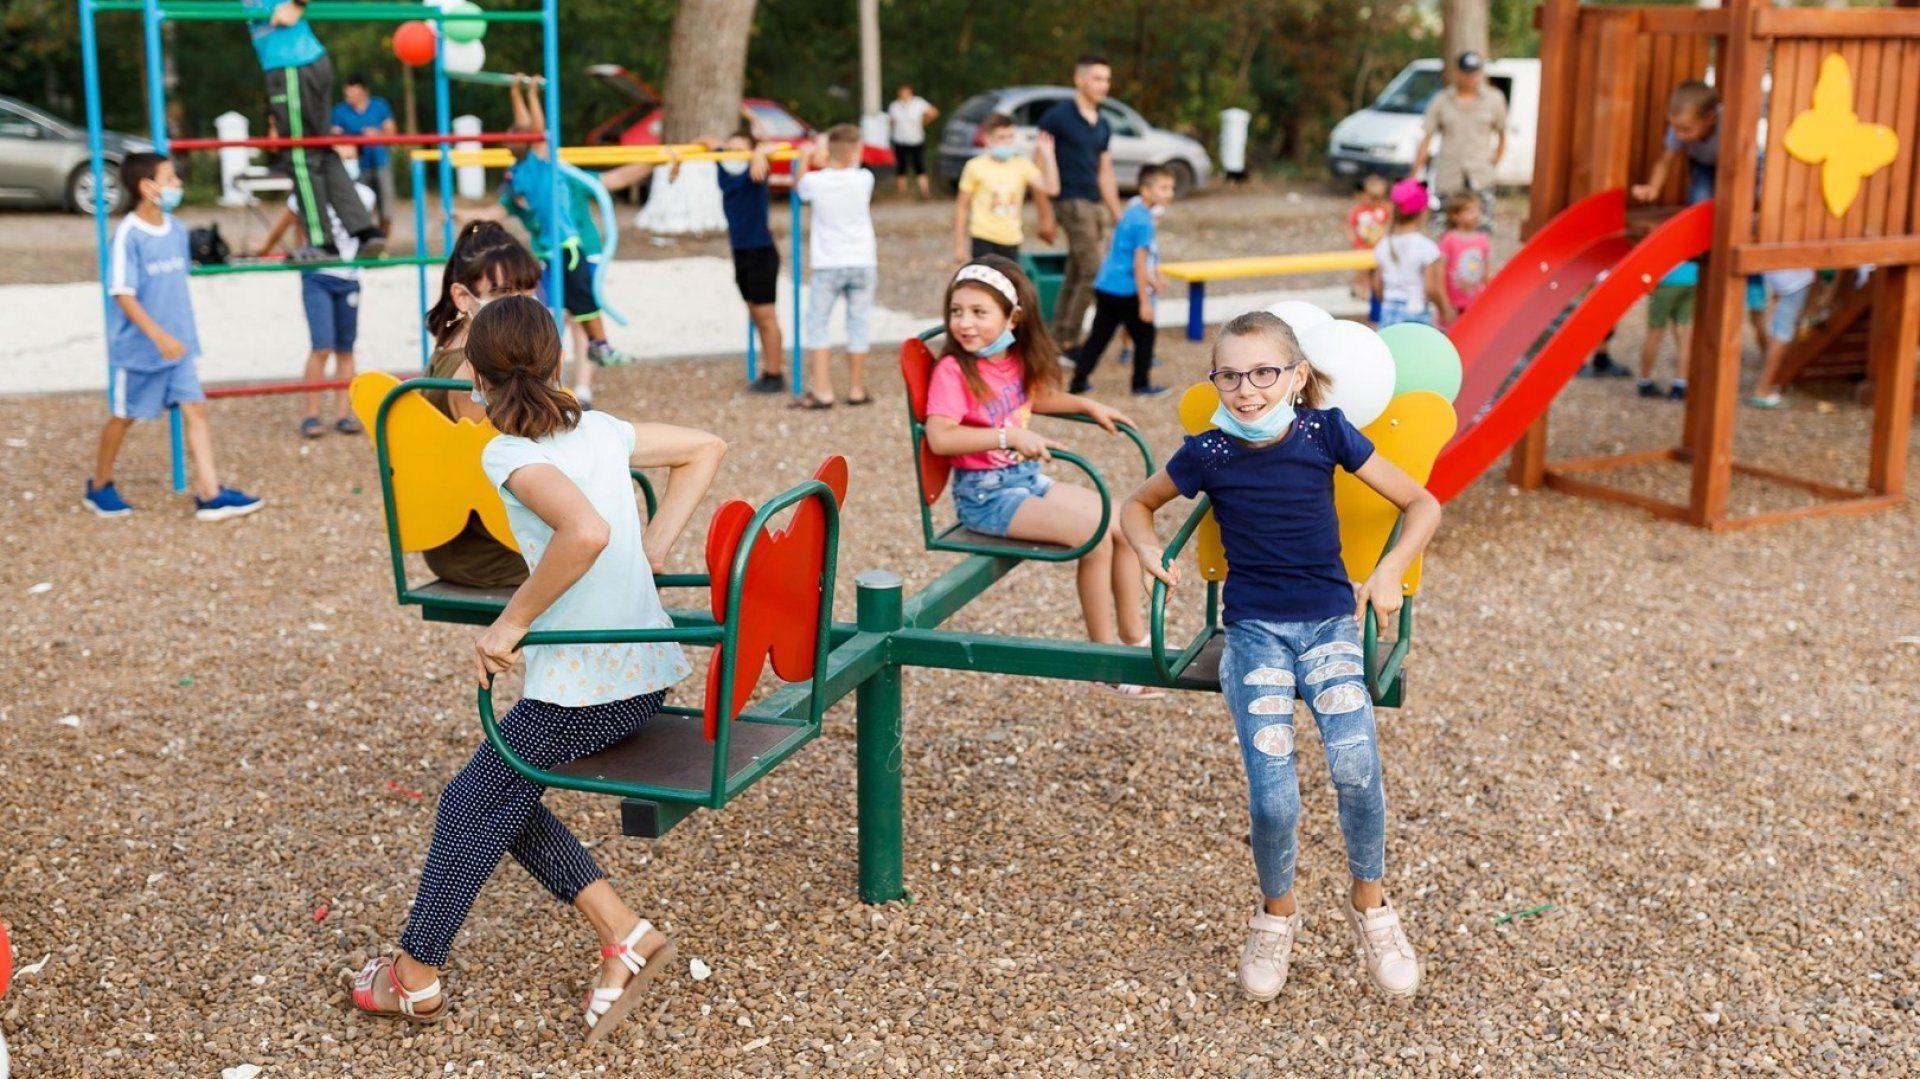 Авария над детской площадке под Херсоном